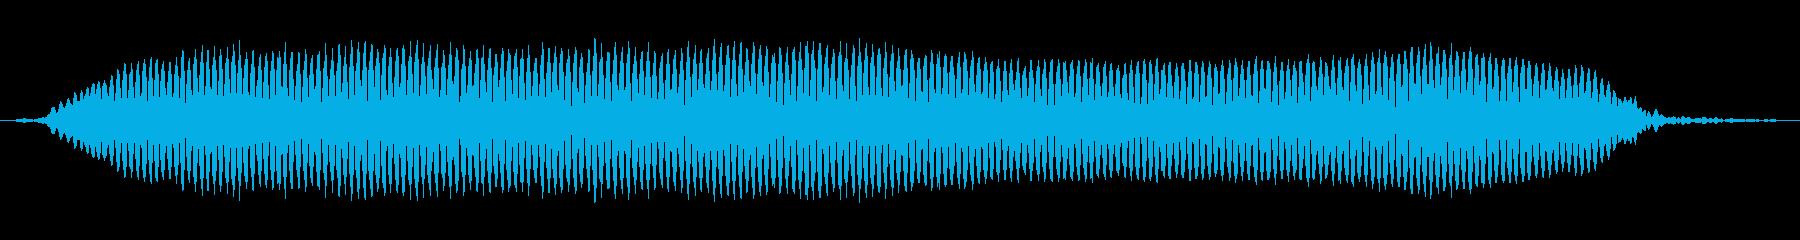 「ピィィーッ」サッカー試合開始時の笛 の再生済みの波形